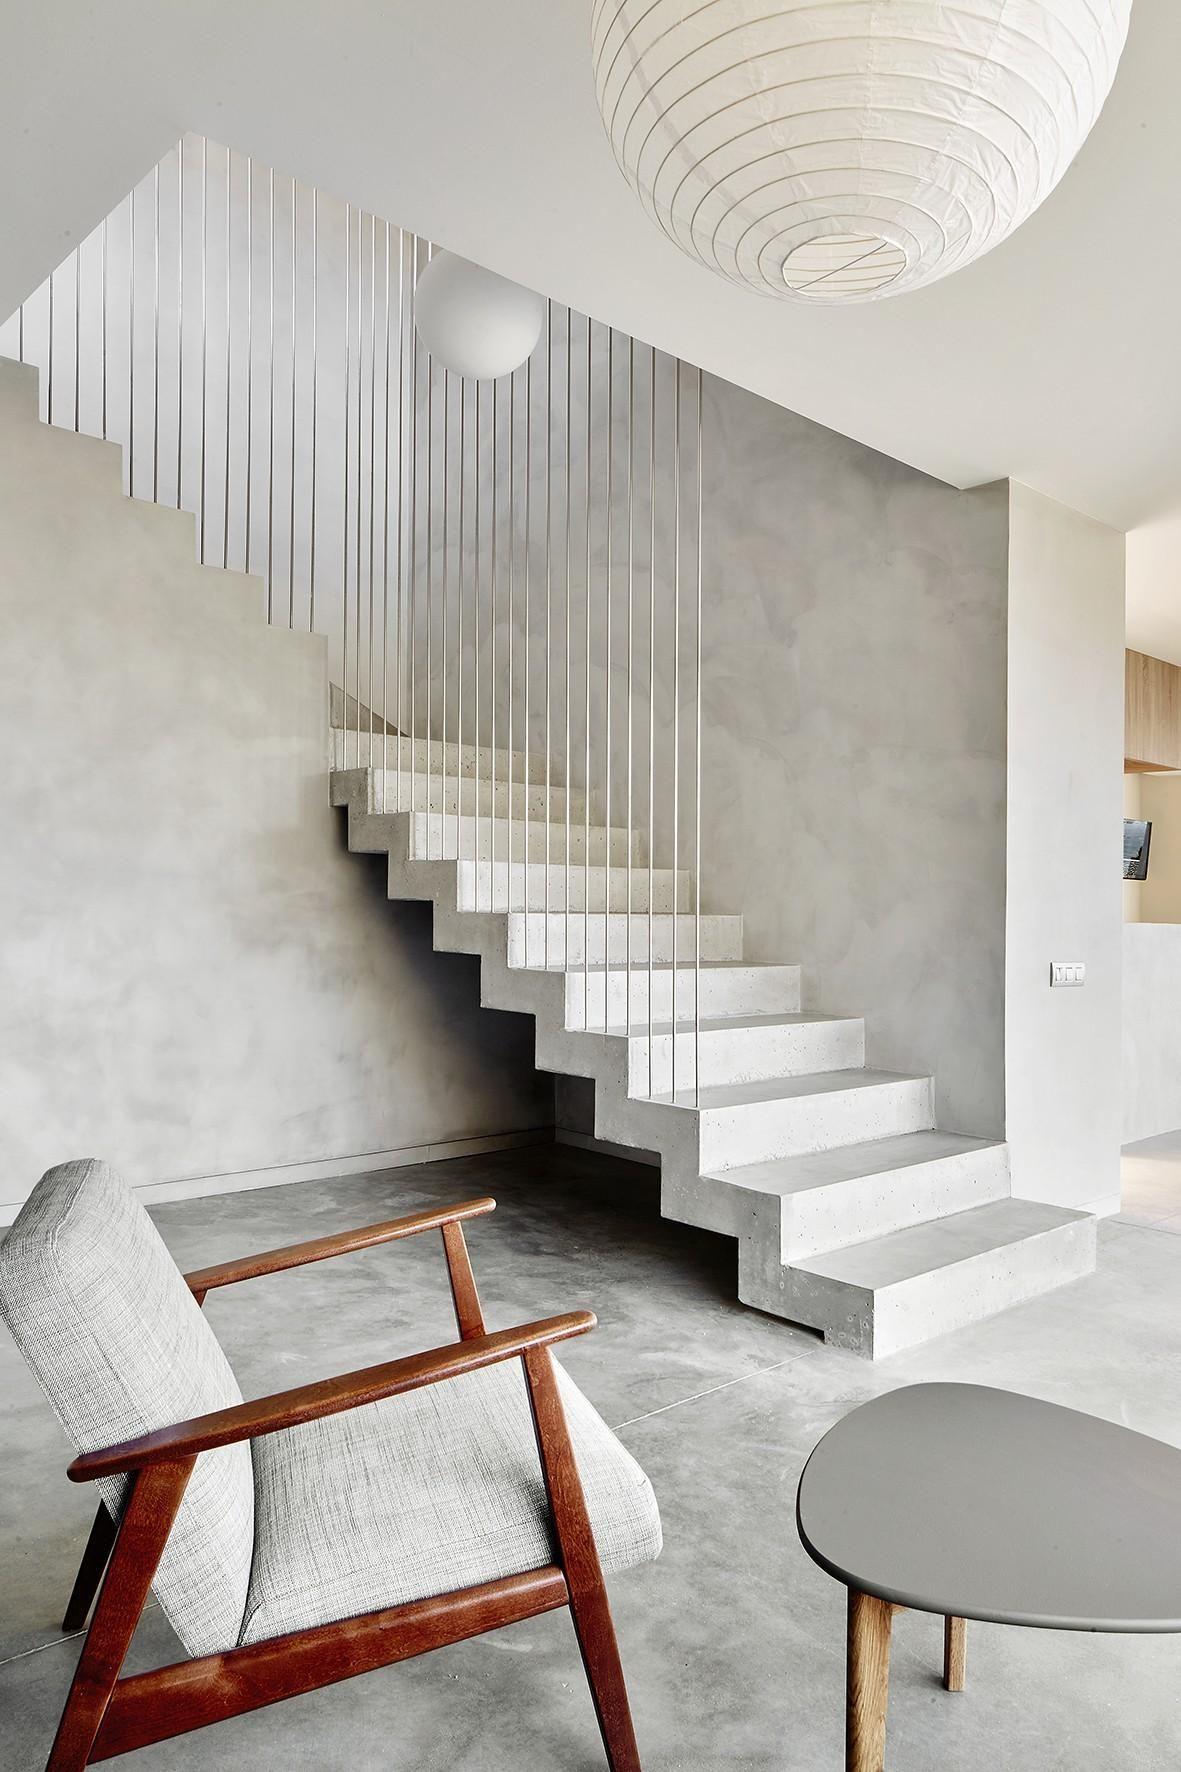 Sol En Beton Interieur intérieur style minimaliste escalier moderne #beton sol